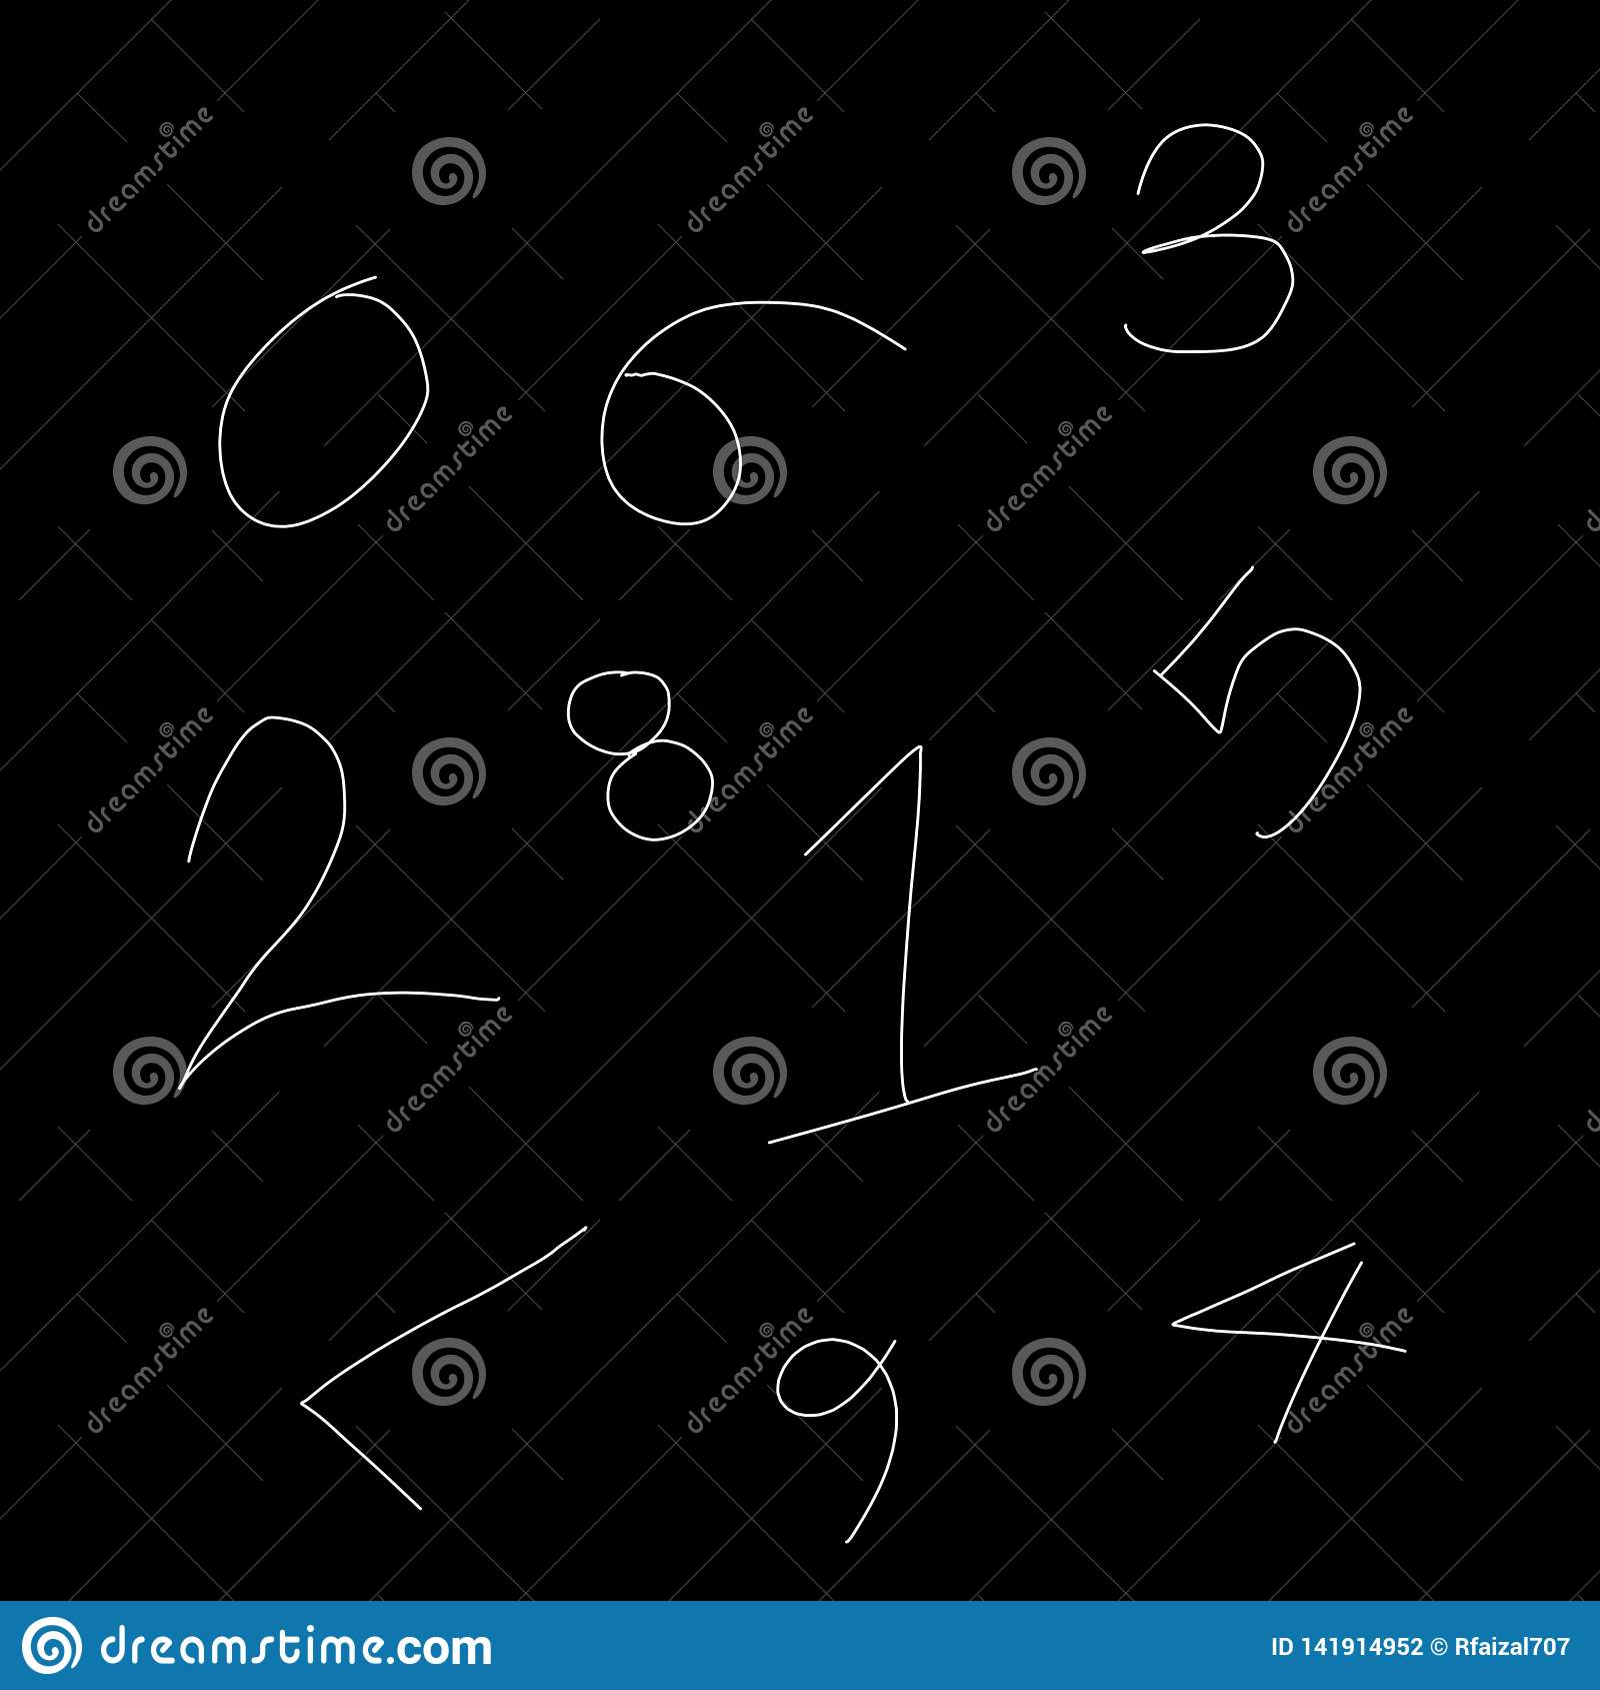 Abstraktes Schwarzweiss-Zahlmuster als Illustrationshintergrund und -tapete